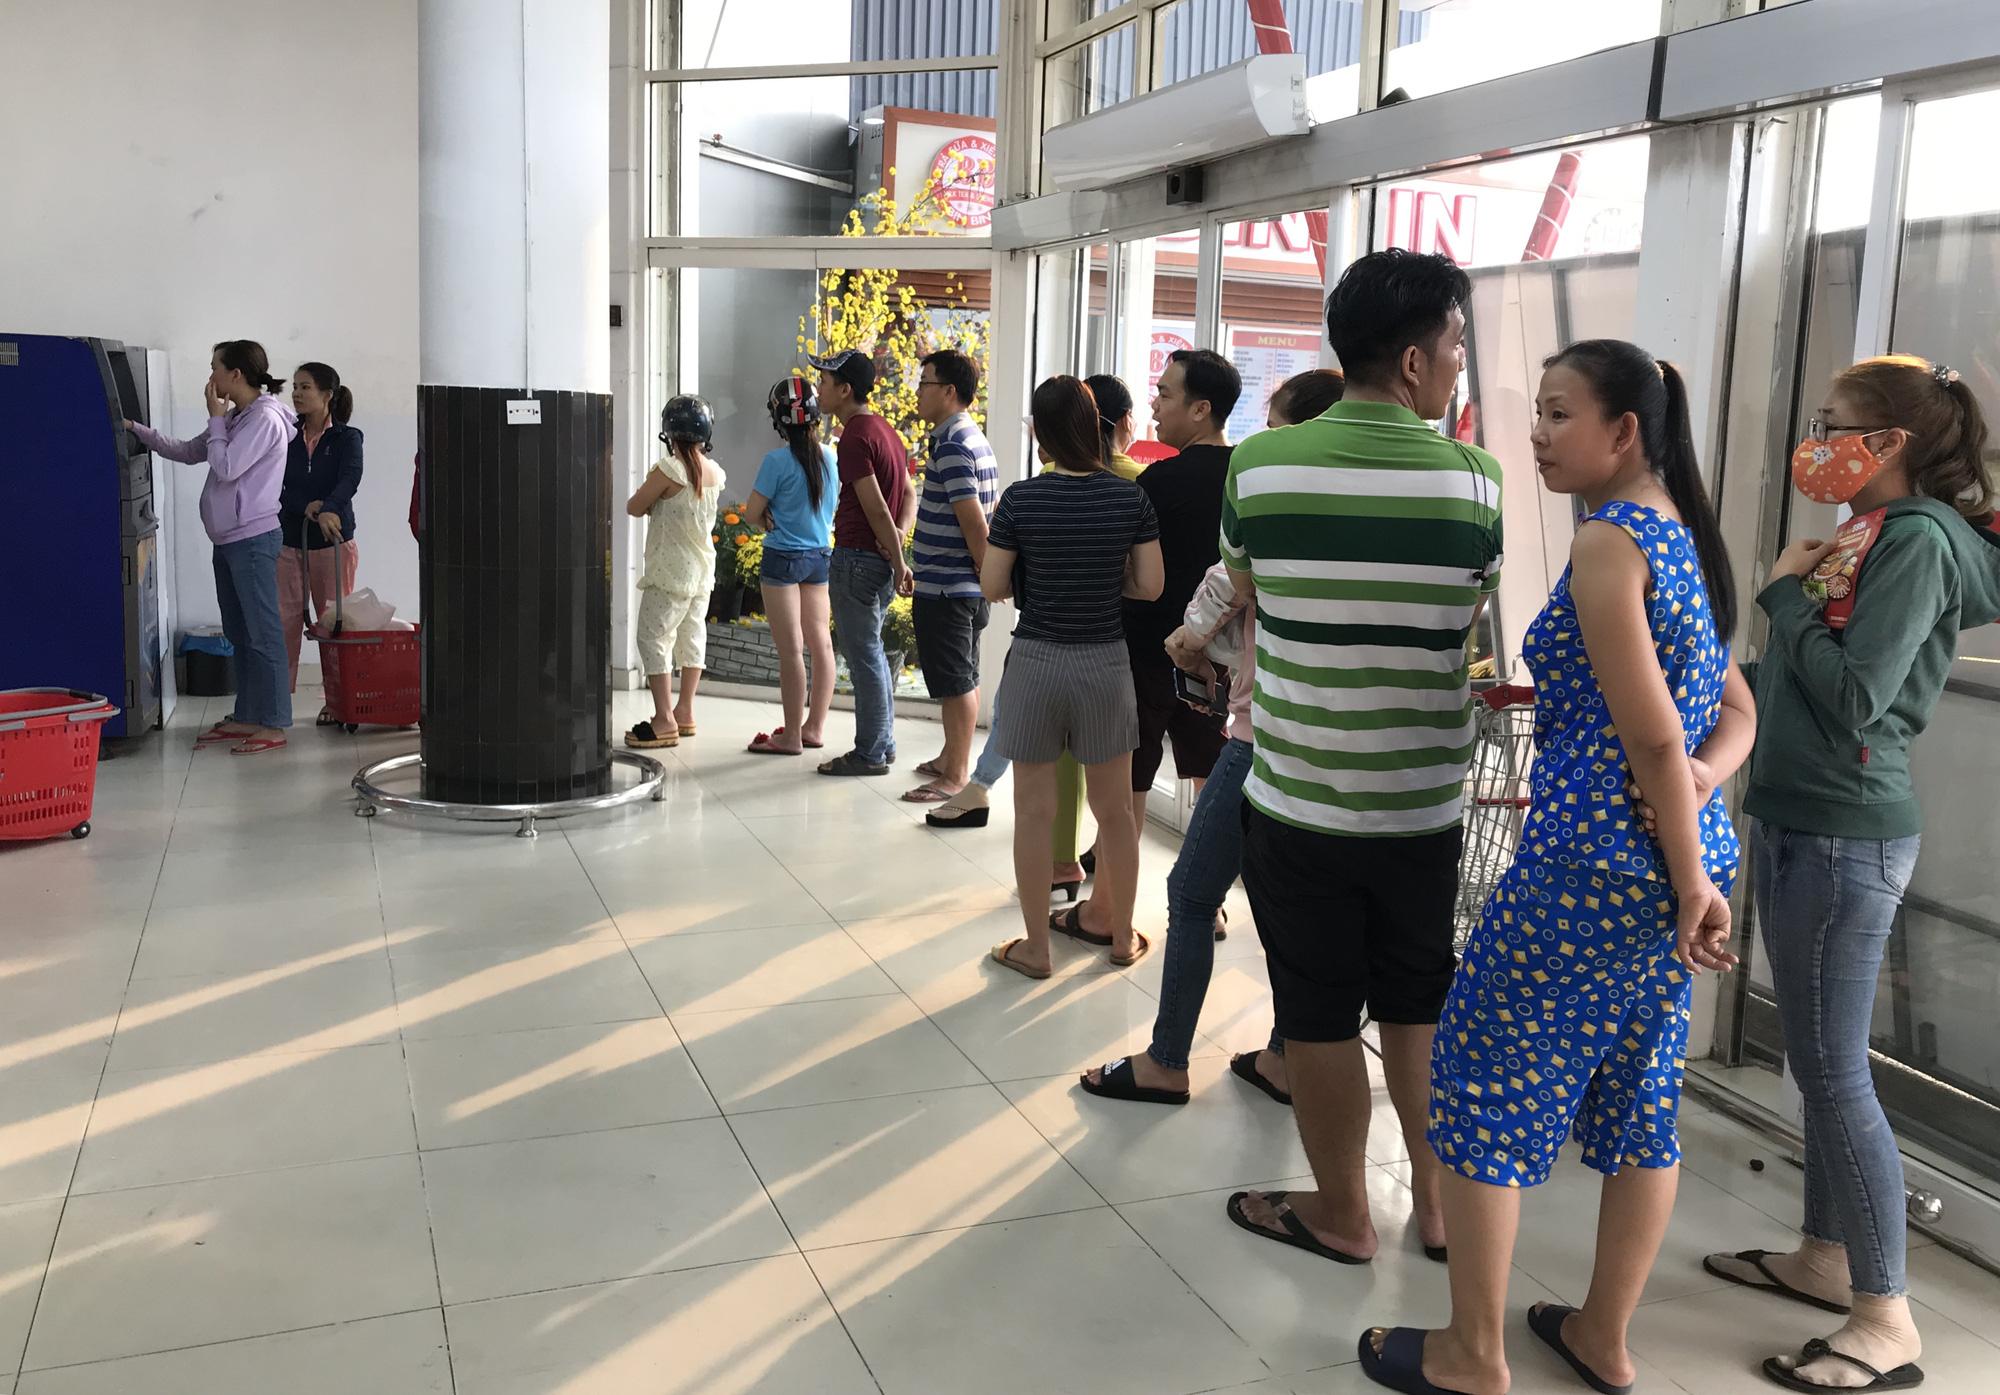 ATM đồng loạt hết tiền nghỉ Tết, Ngân hàng Nhà nước ra công điện khẩn 28 Tết - Ảnh 1.